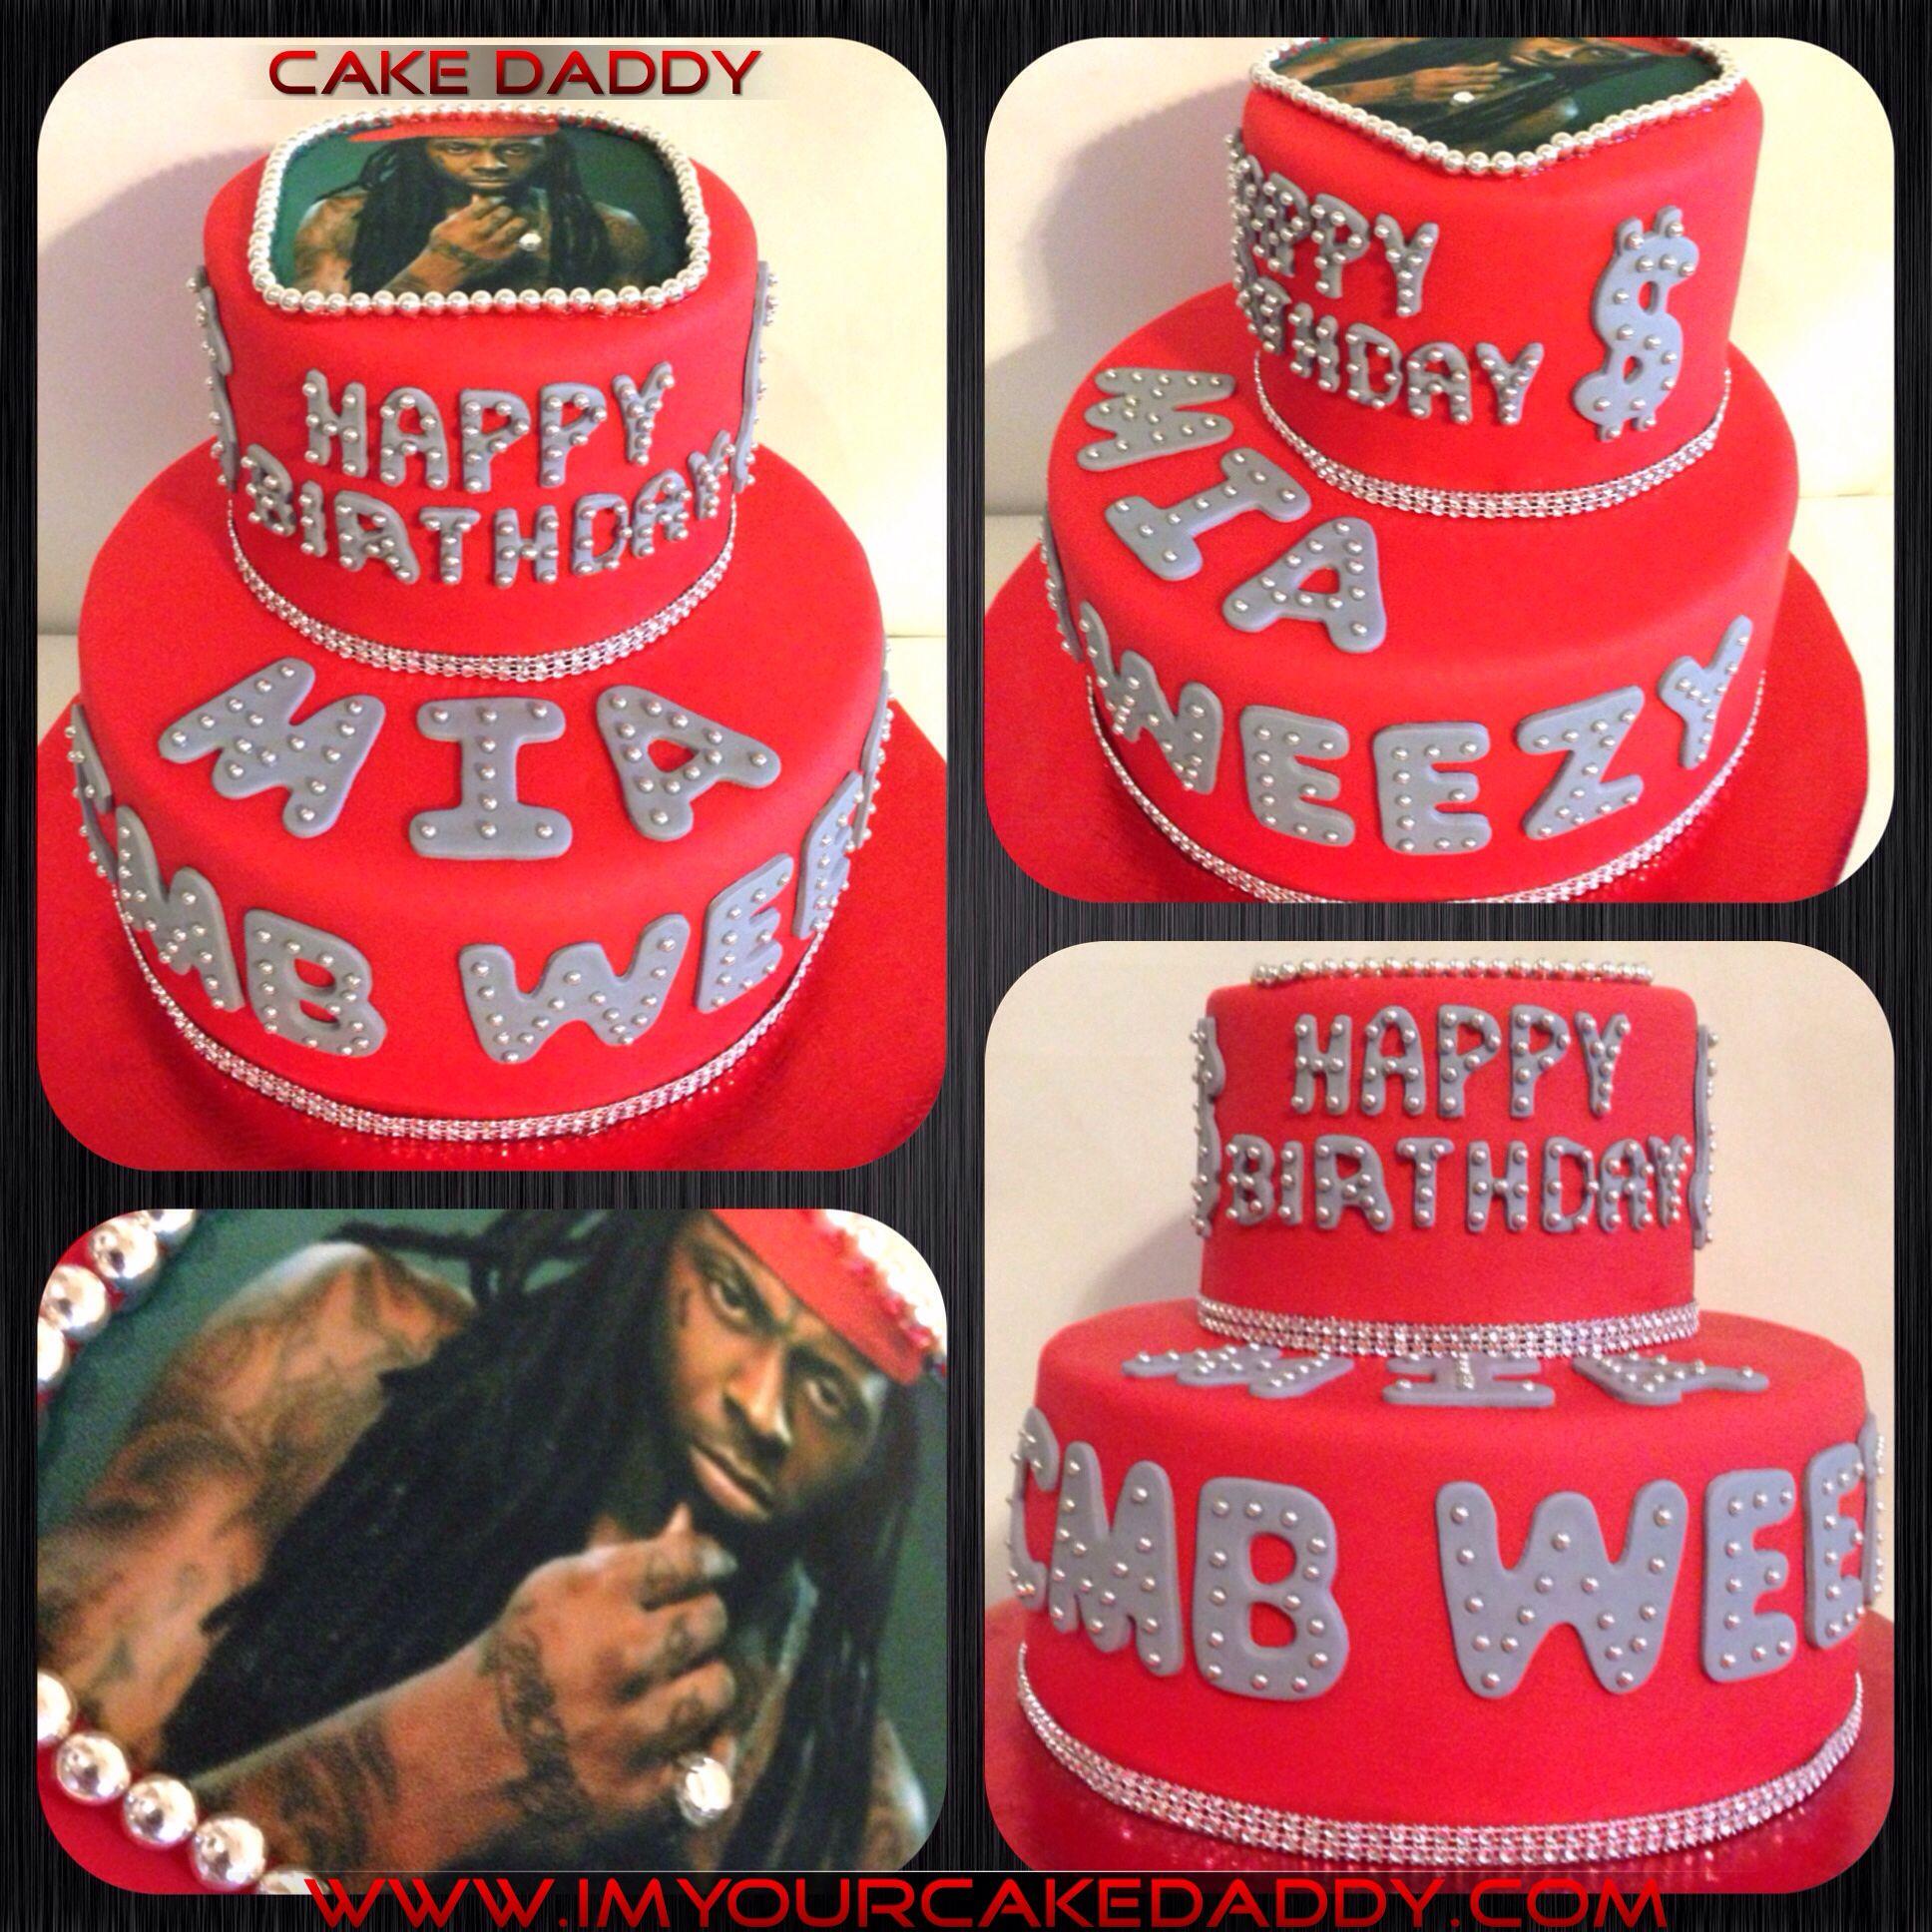 Groovy Lil Wayne Bling Bling Birthday Cake Cake Lil Wayne Birthday Cake Personalised Birthday Cards Petedlily Jamesorg